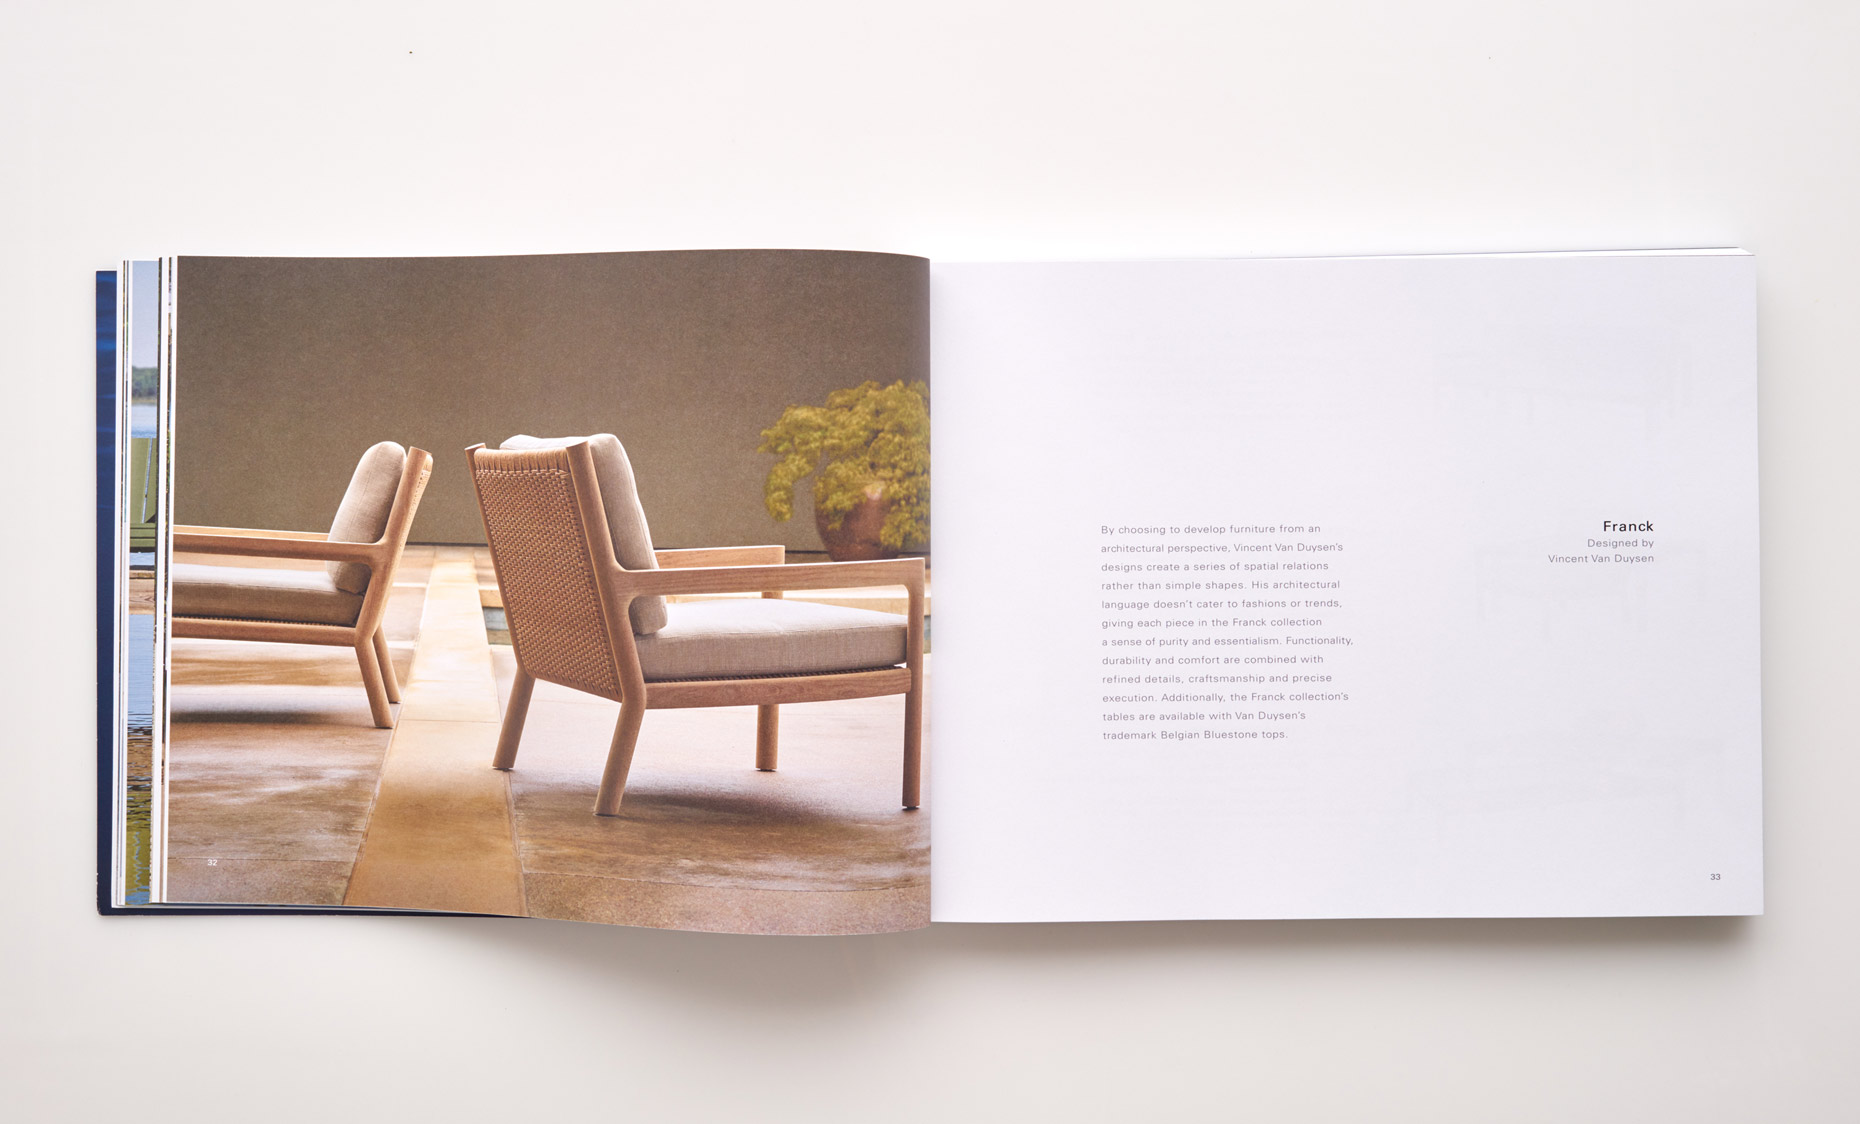 Stephen Karlisch Sutherland Furniture Franck Lounge Chair